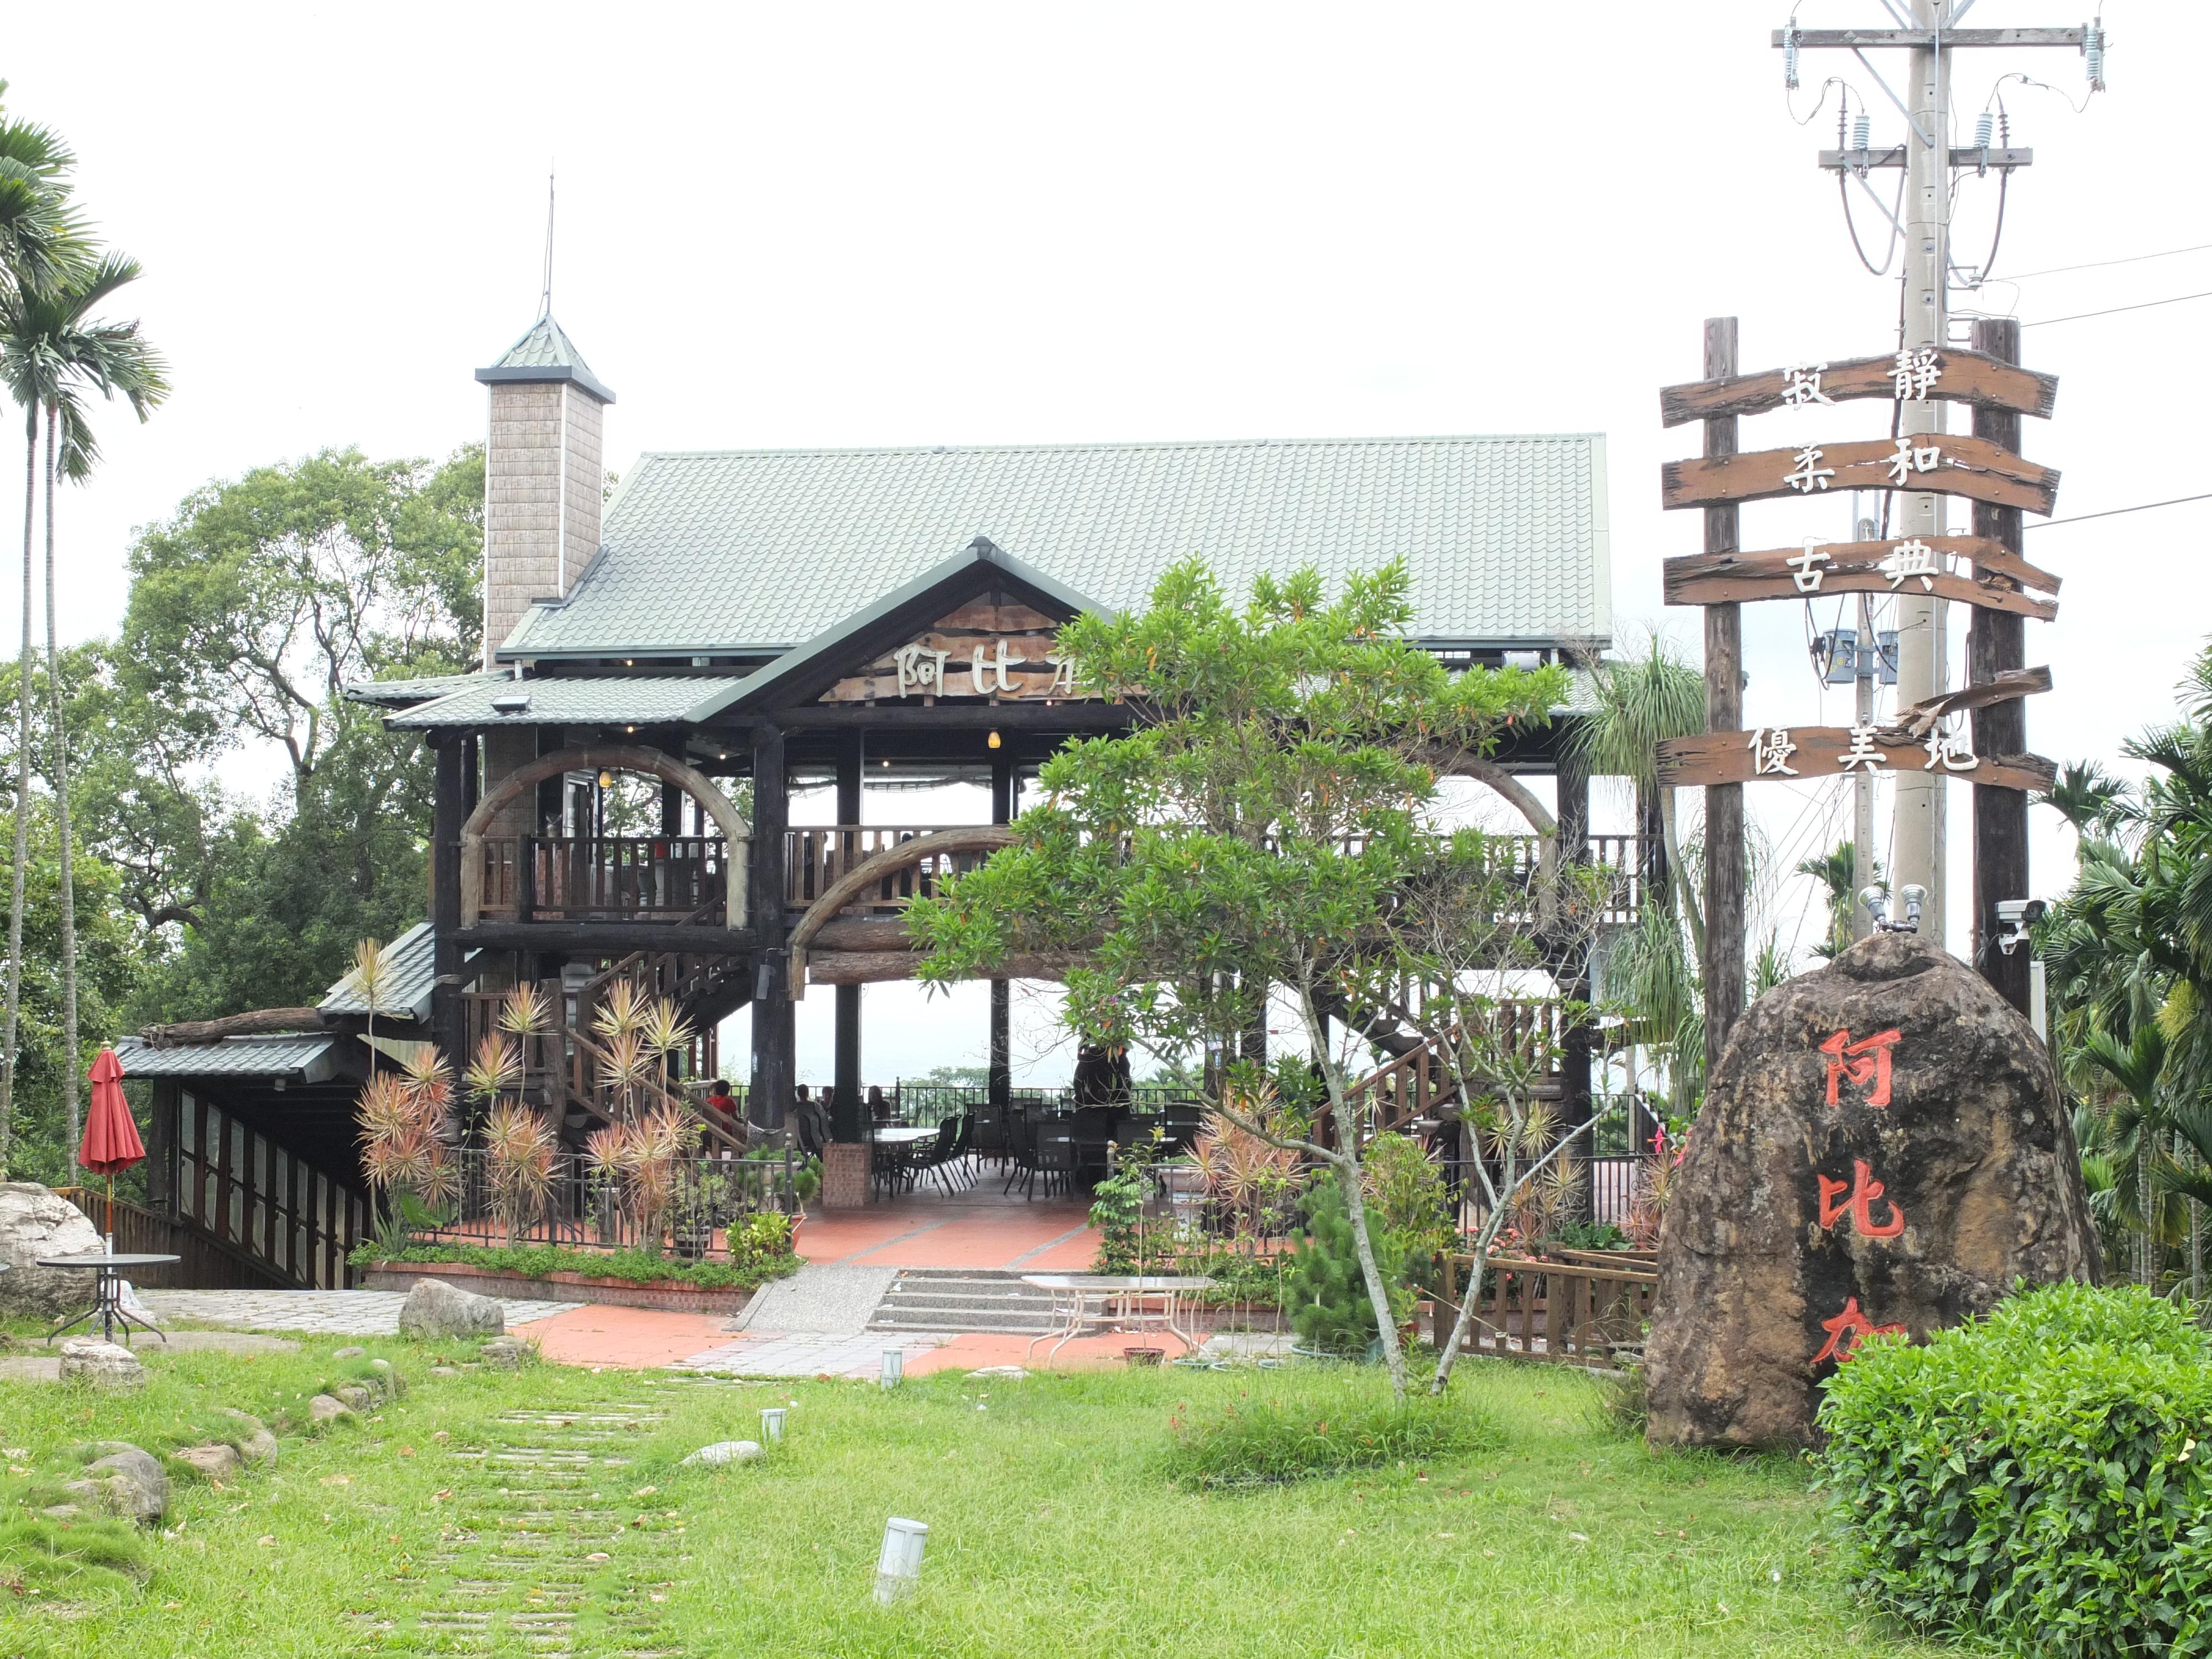 阿比加庭園咖啡館 (1)